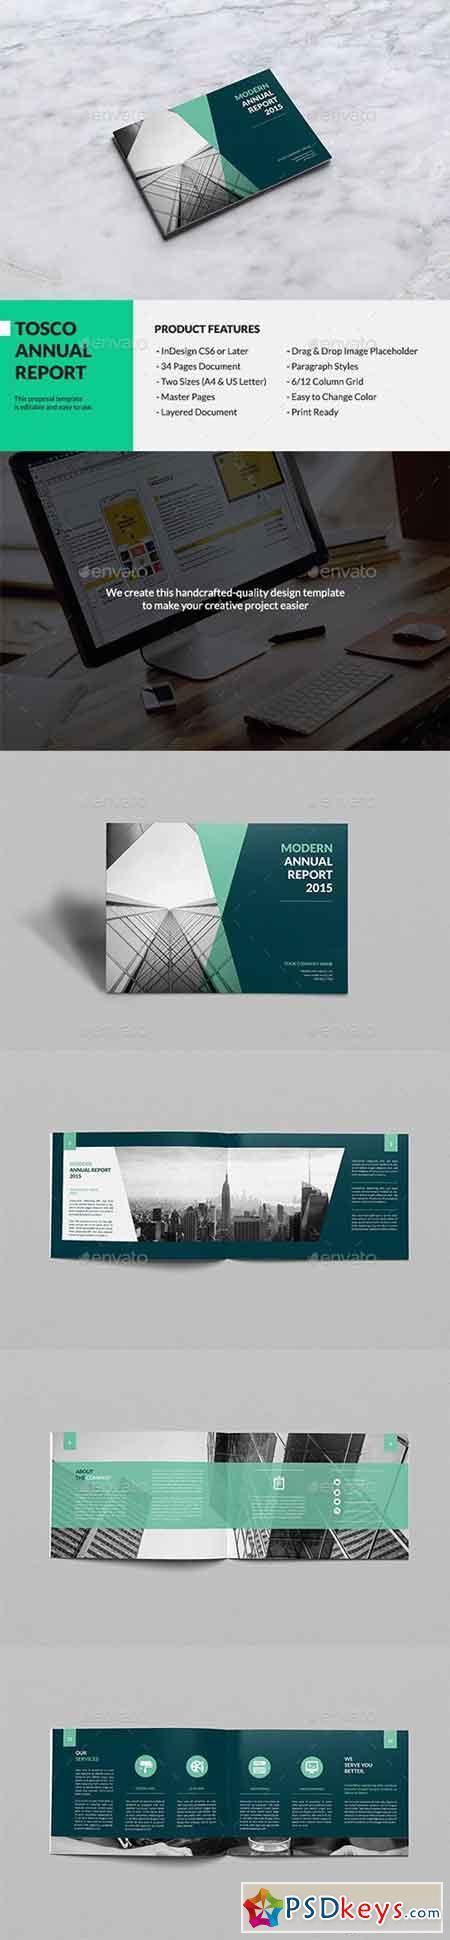 Tosco - Corporate Annual Report 12984378